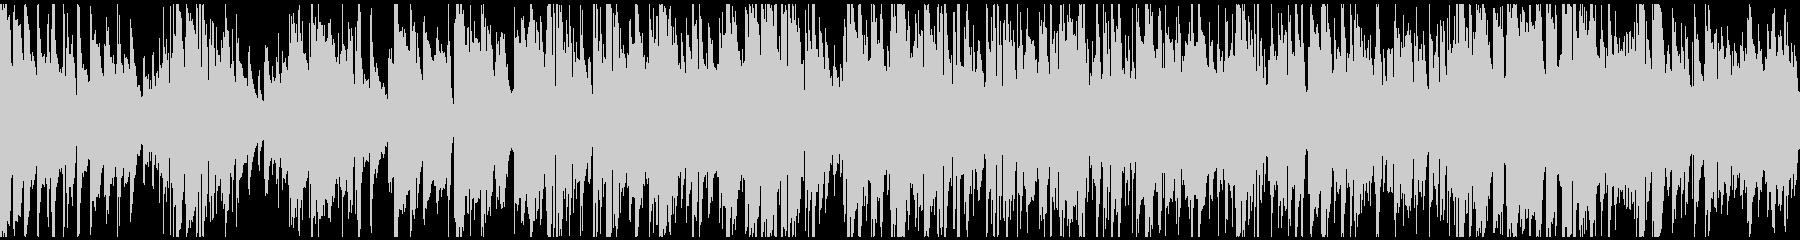 リラックス系まったりジャズ※ループ仕様版の未再生の波形